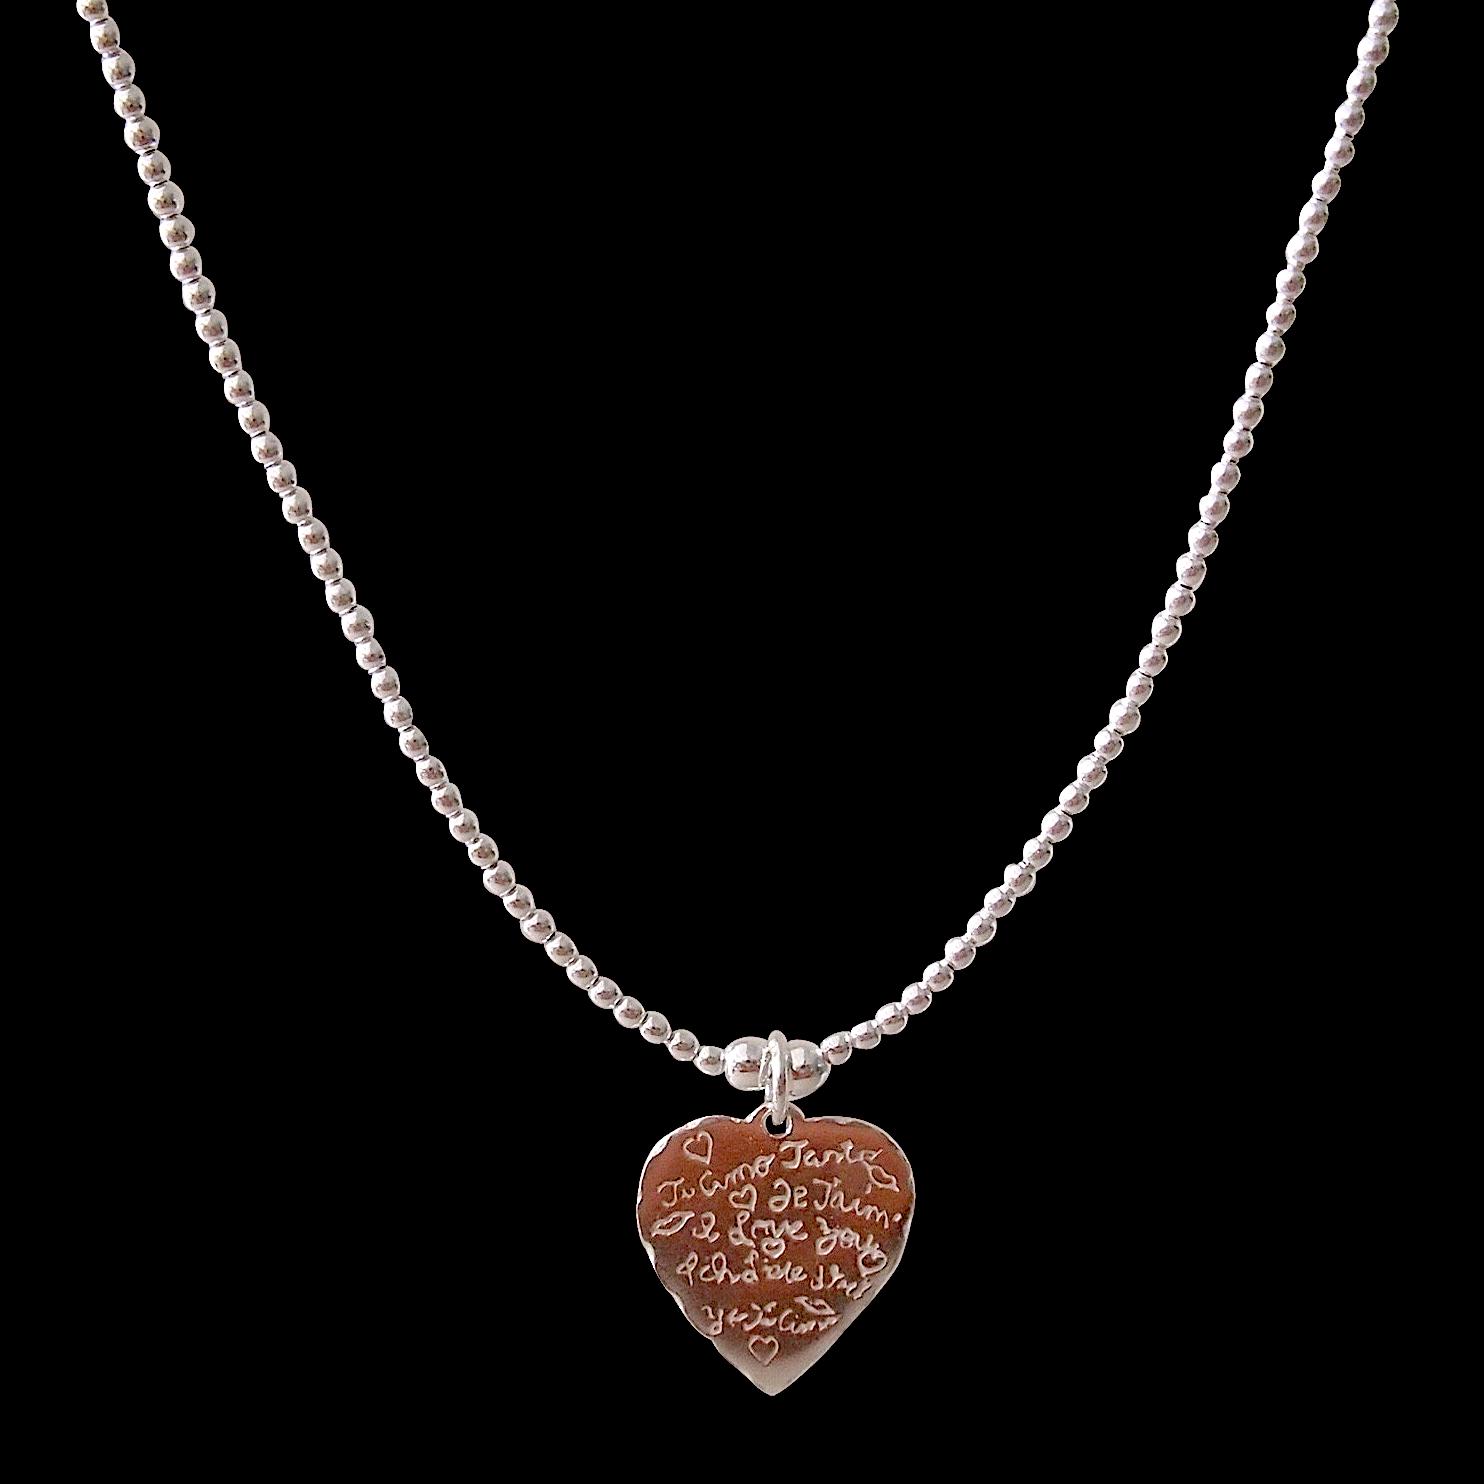 JOY tarquina necklace Ti Amo